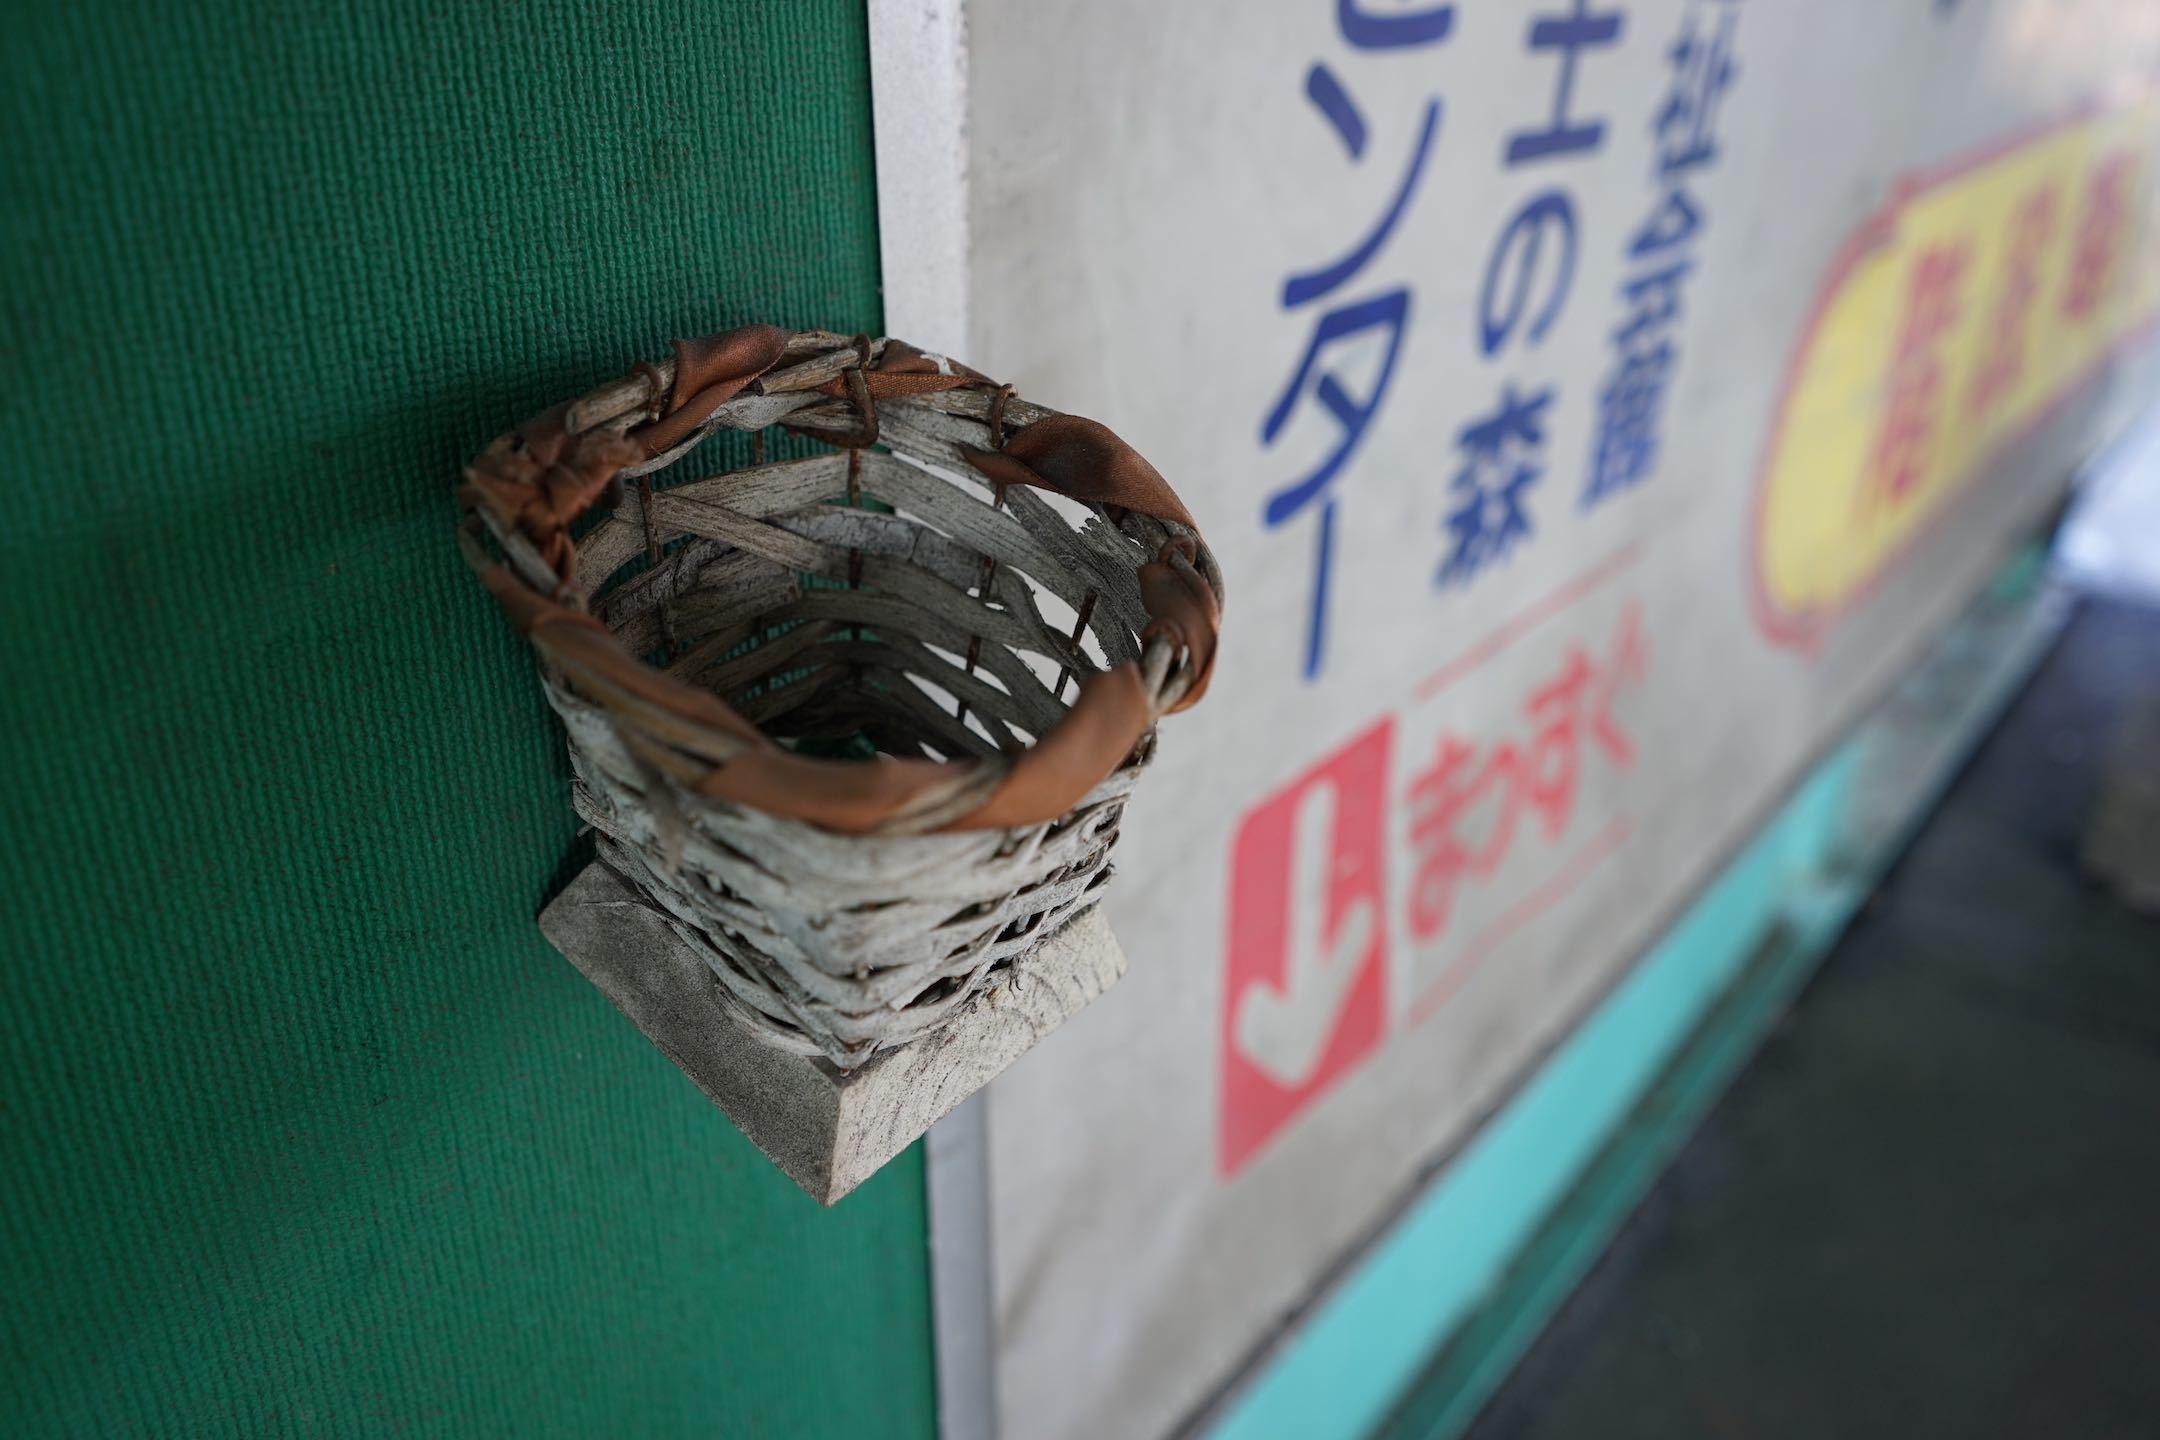 府中駅周辺 23_b0360240_22130047.jpg